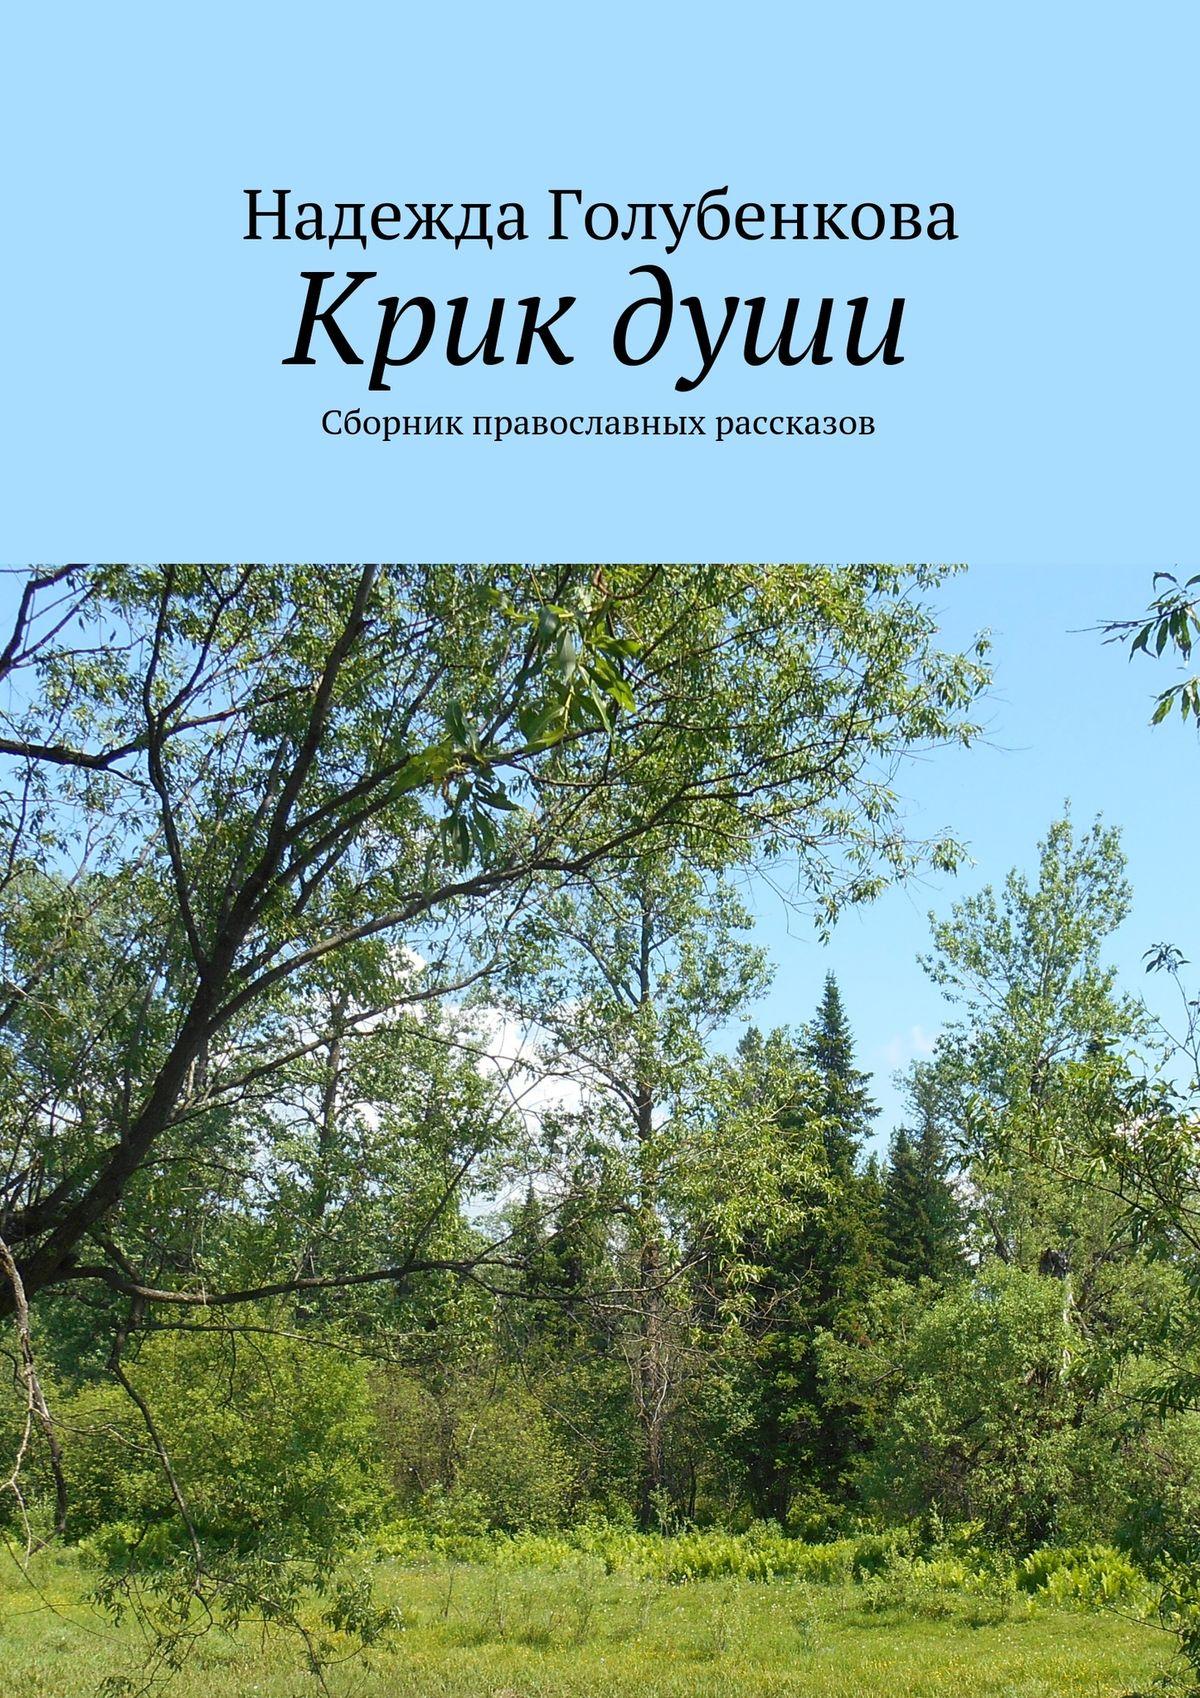 Надежда Голубенкова Крикдуши. Сборник православных рассказов слава крик души